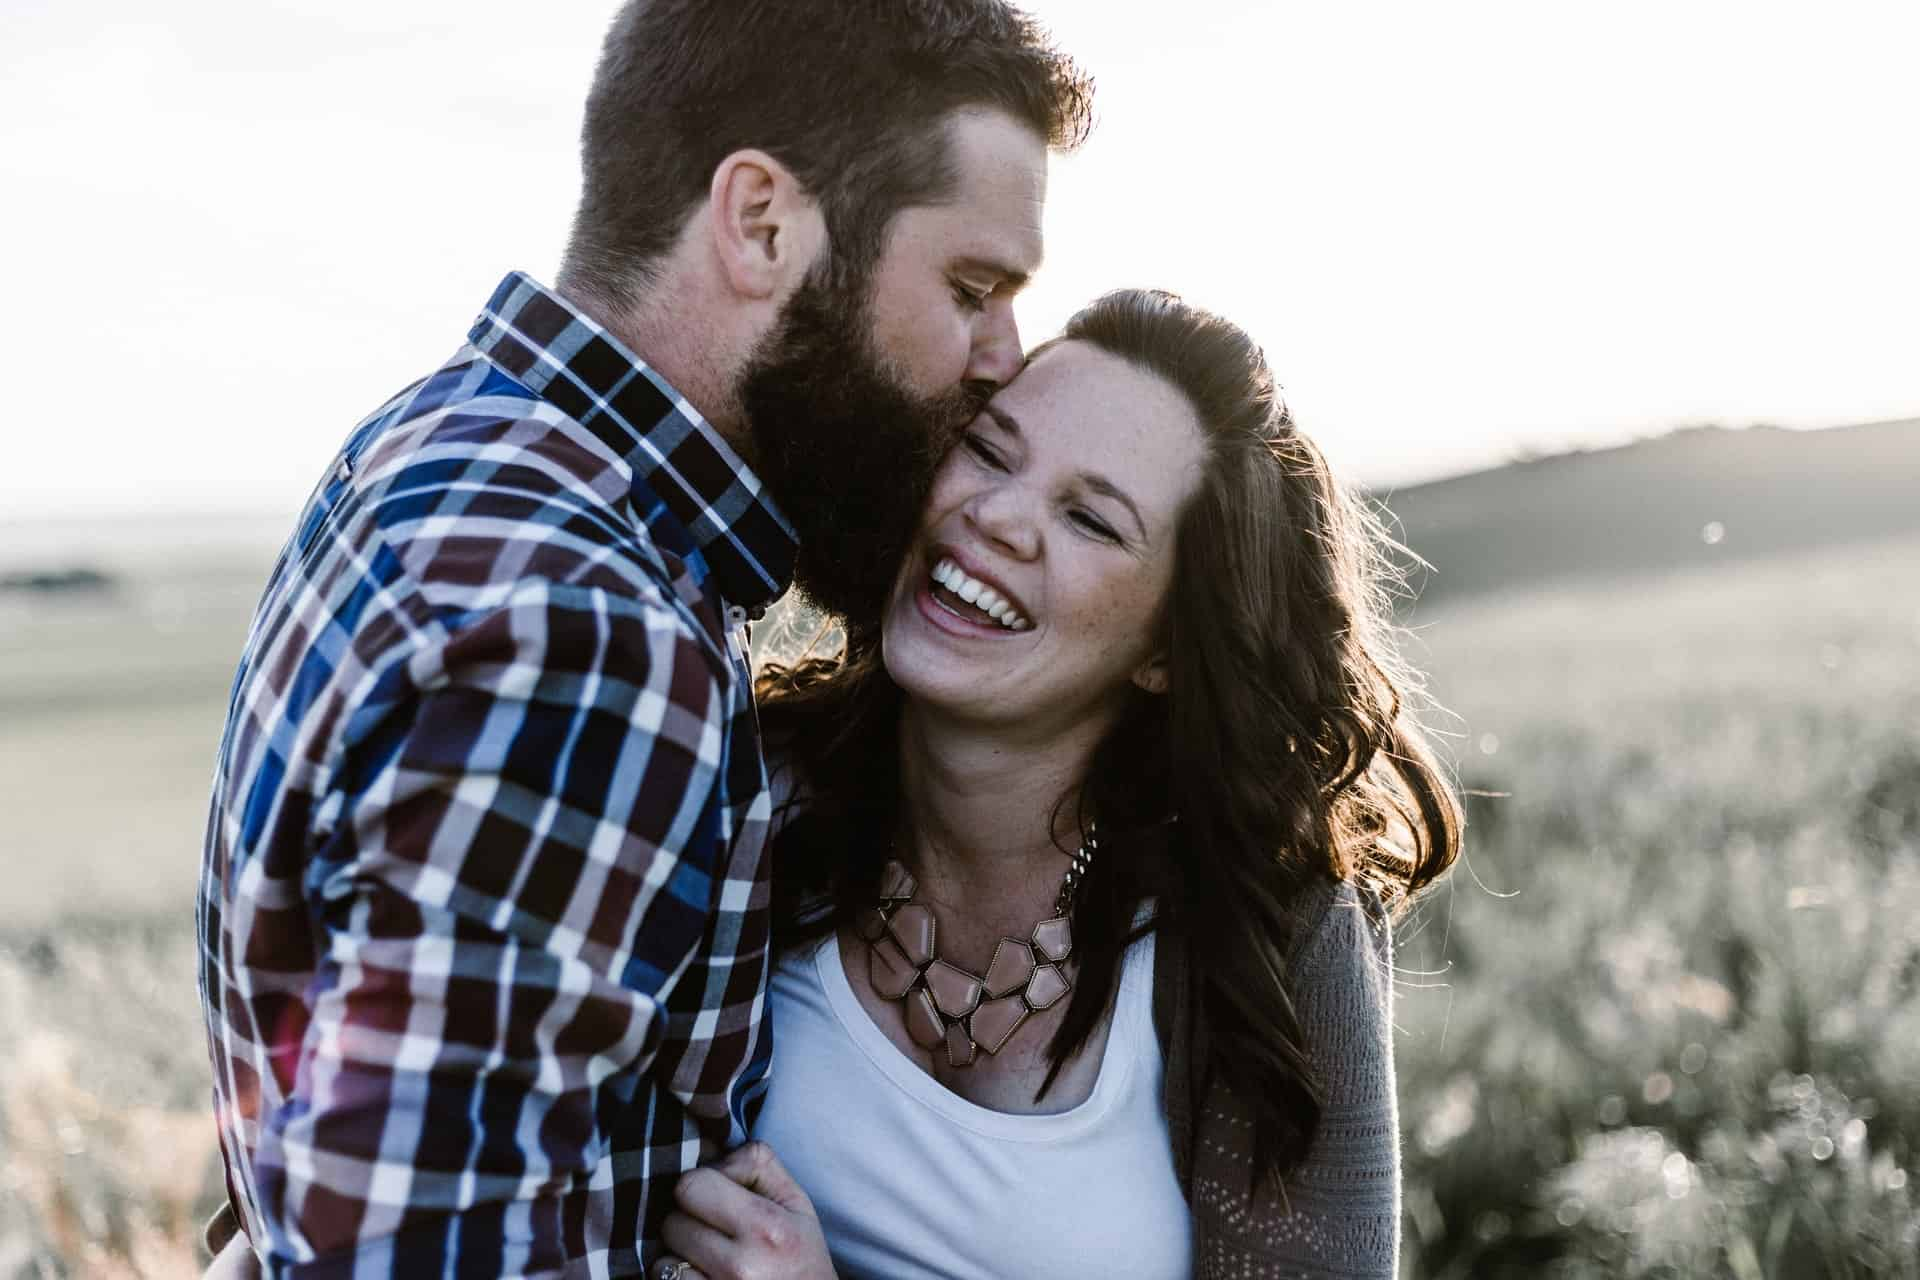 Ein Mann küsst eine Frau auf die Wange